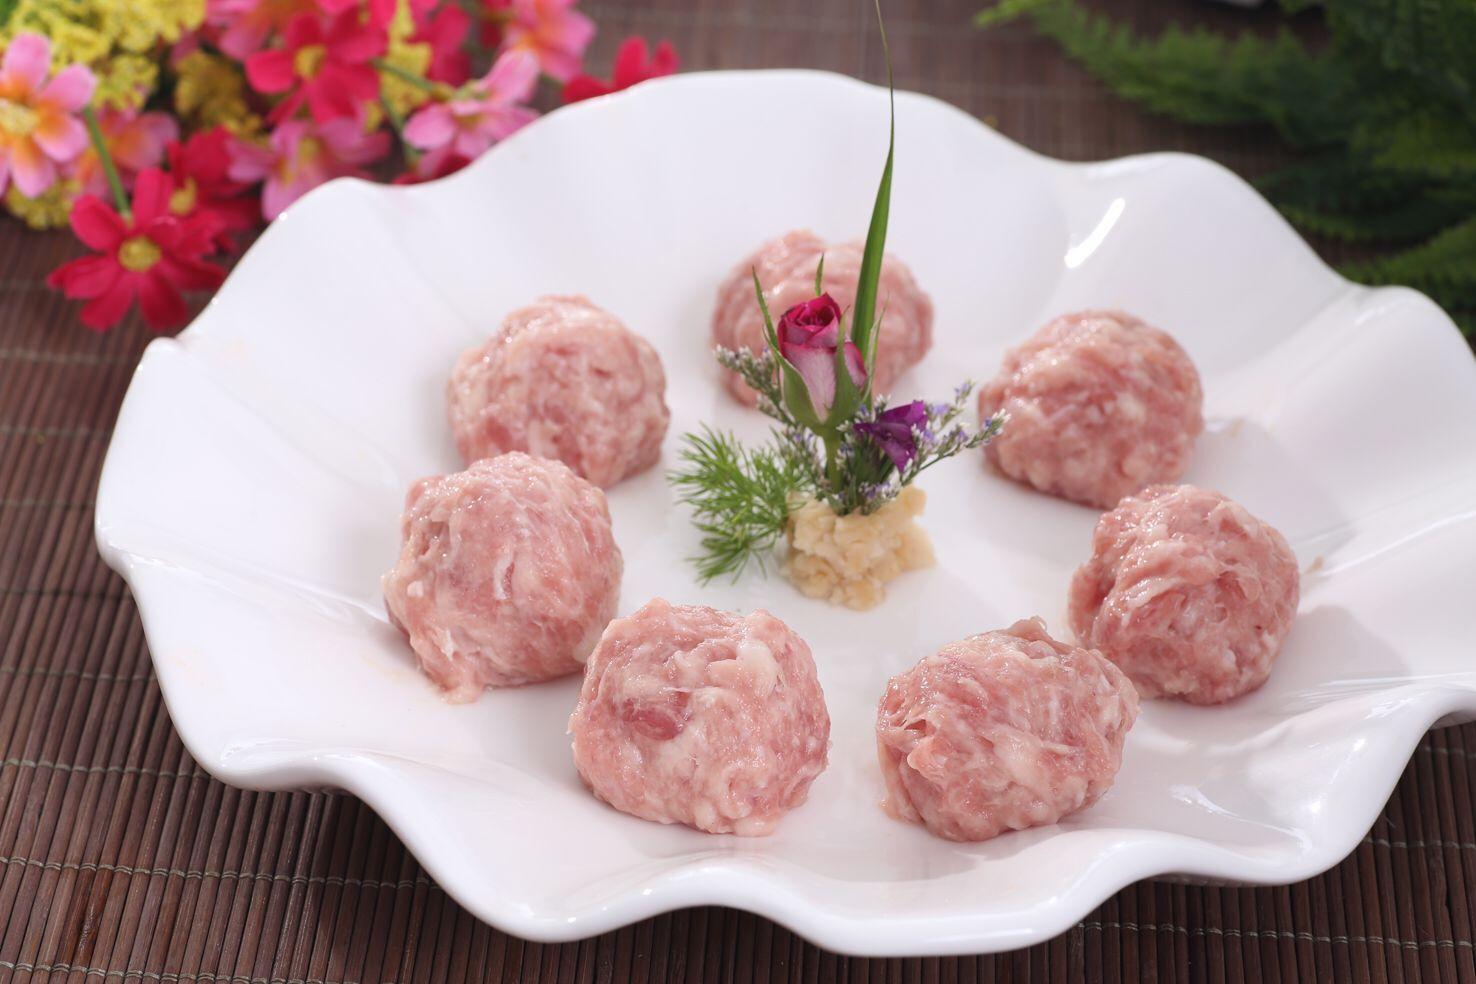 冷冻肉食品批发价格,物超所值的冷冻肉食品推荐